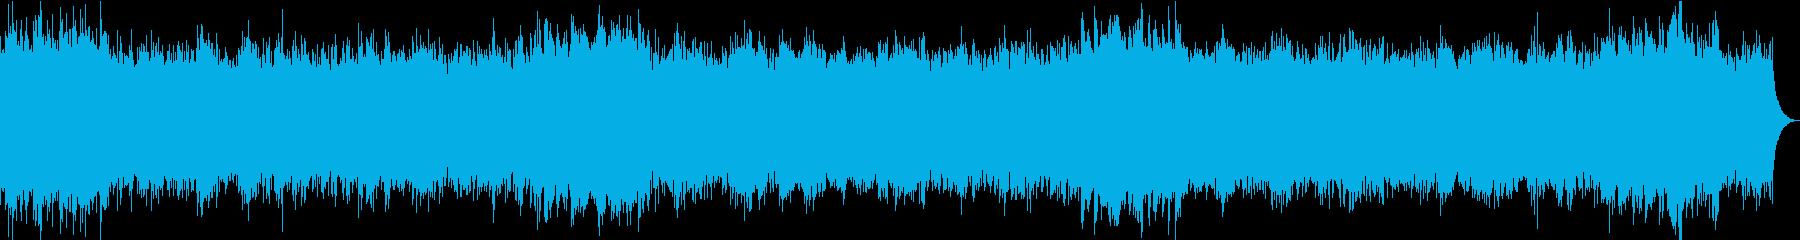 おだやかキラキ/静かめカラオケの再生済みの波形